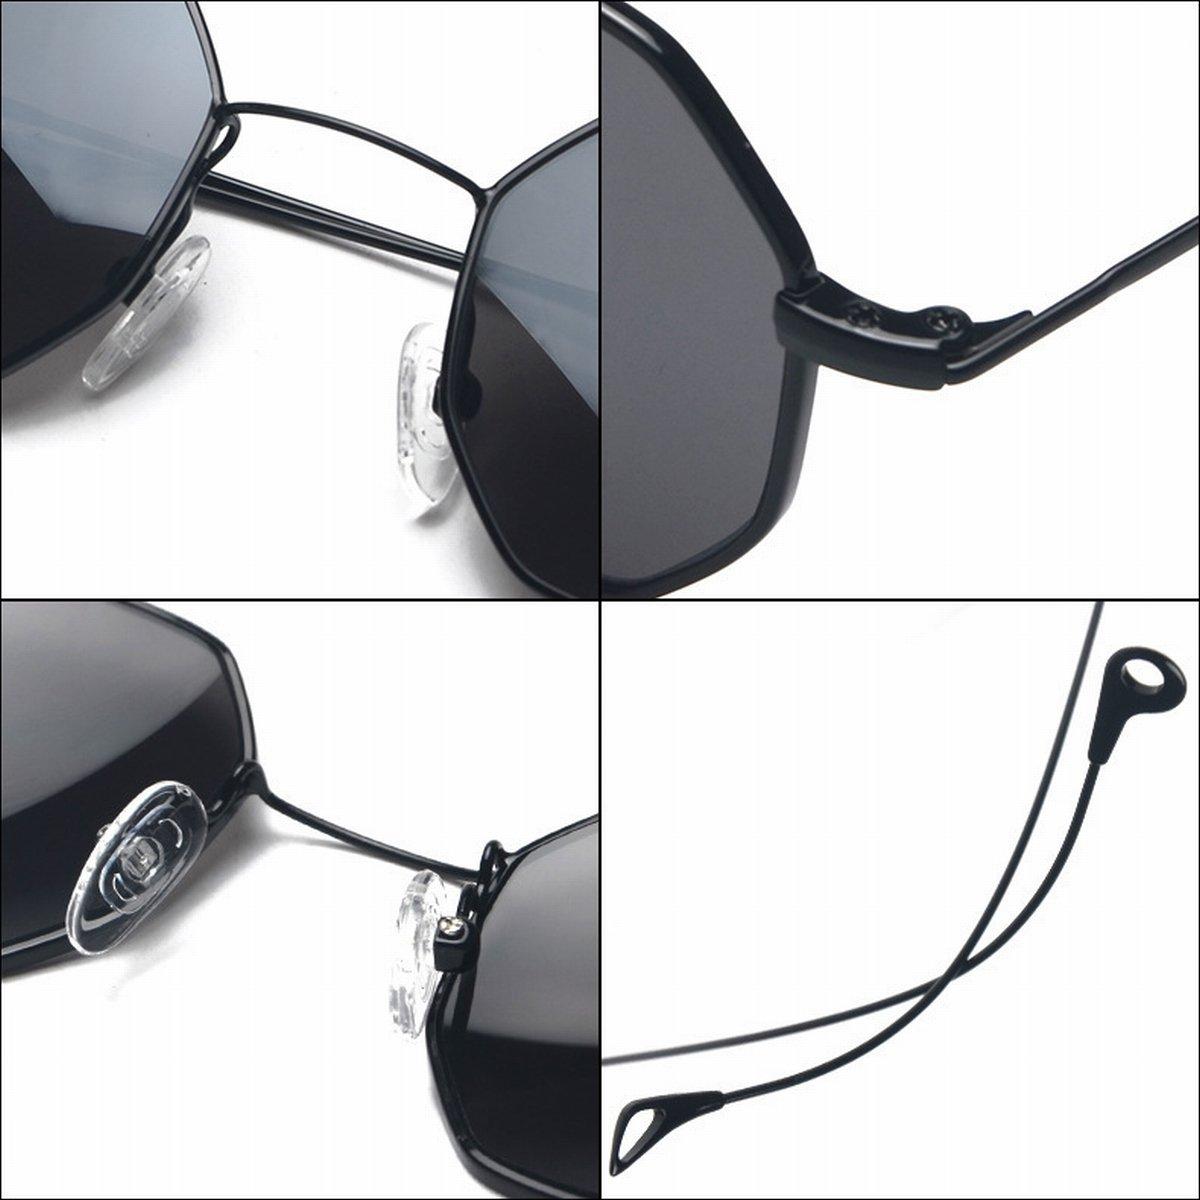 Achteckige Kleine Rahmen Metall Gläser Rahmen Marine Linse Transparente Sonnenbrille Mit Myopie Goldrahmen Flacher Spiegel prmDvoln